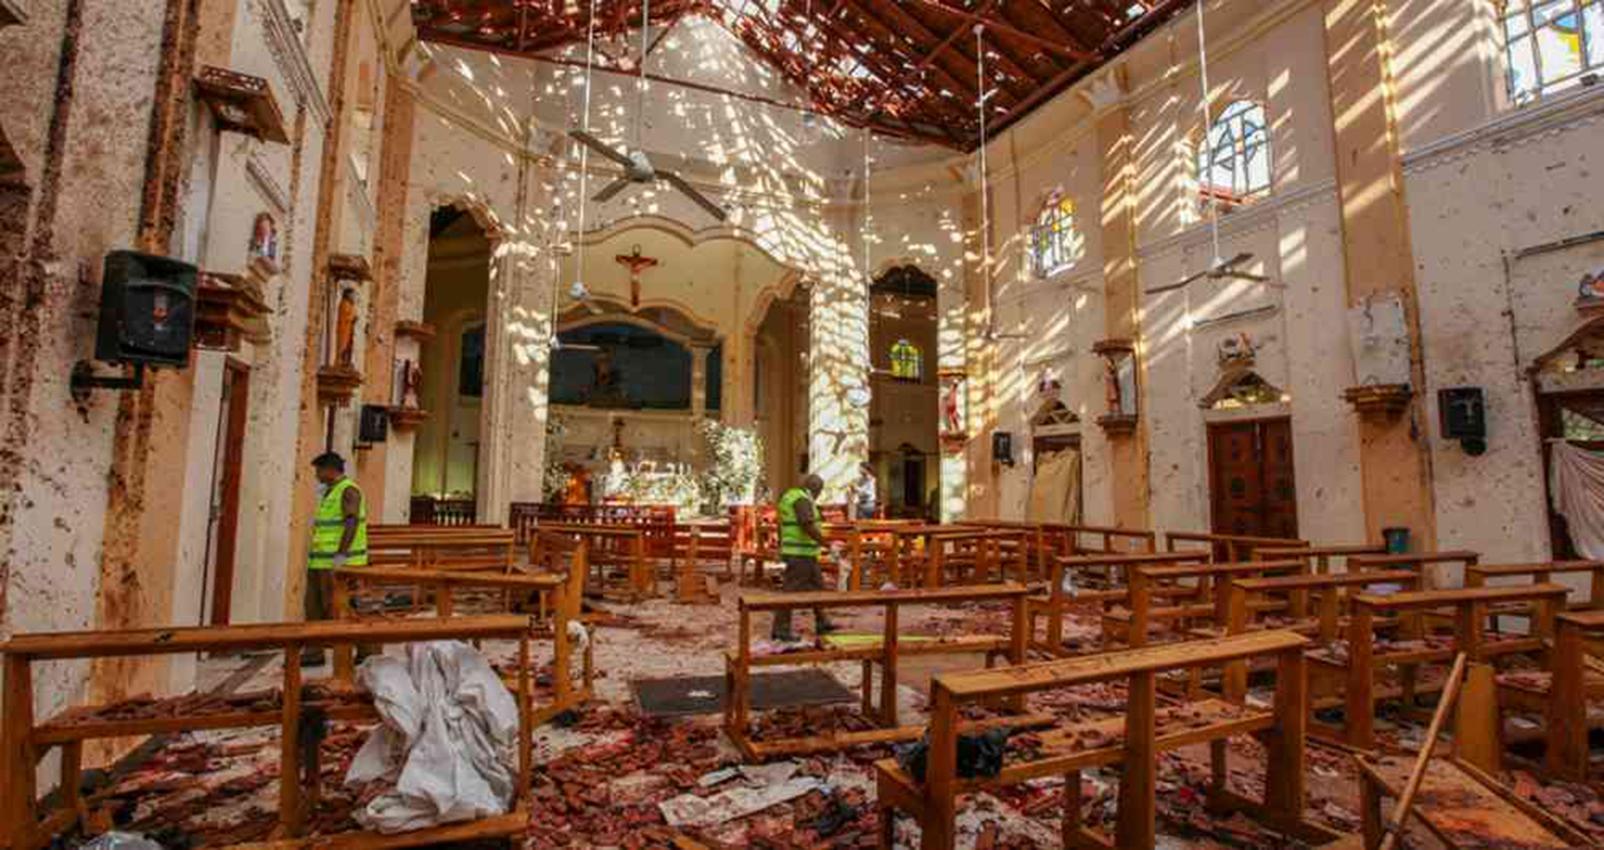 Capturan a exfuncionarios por negligencia en atentados en Sri Lanka